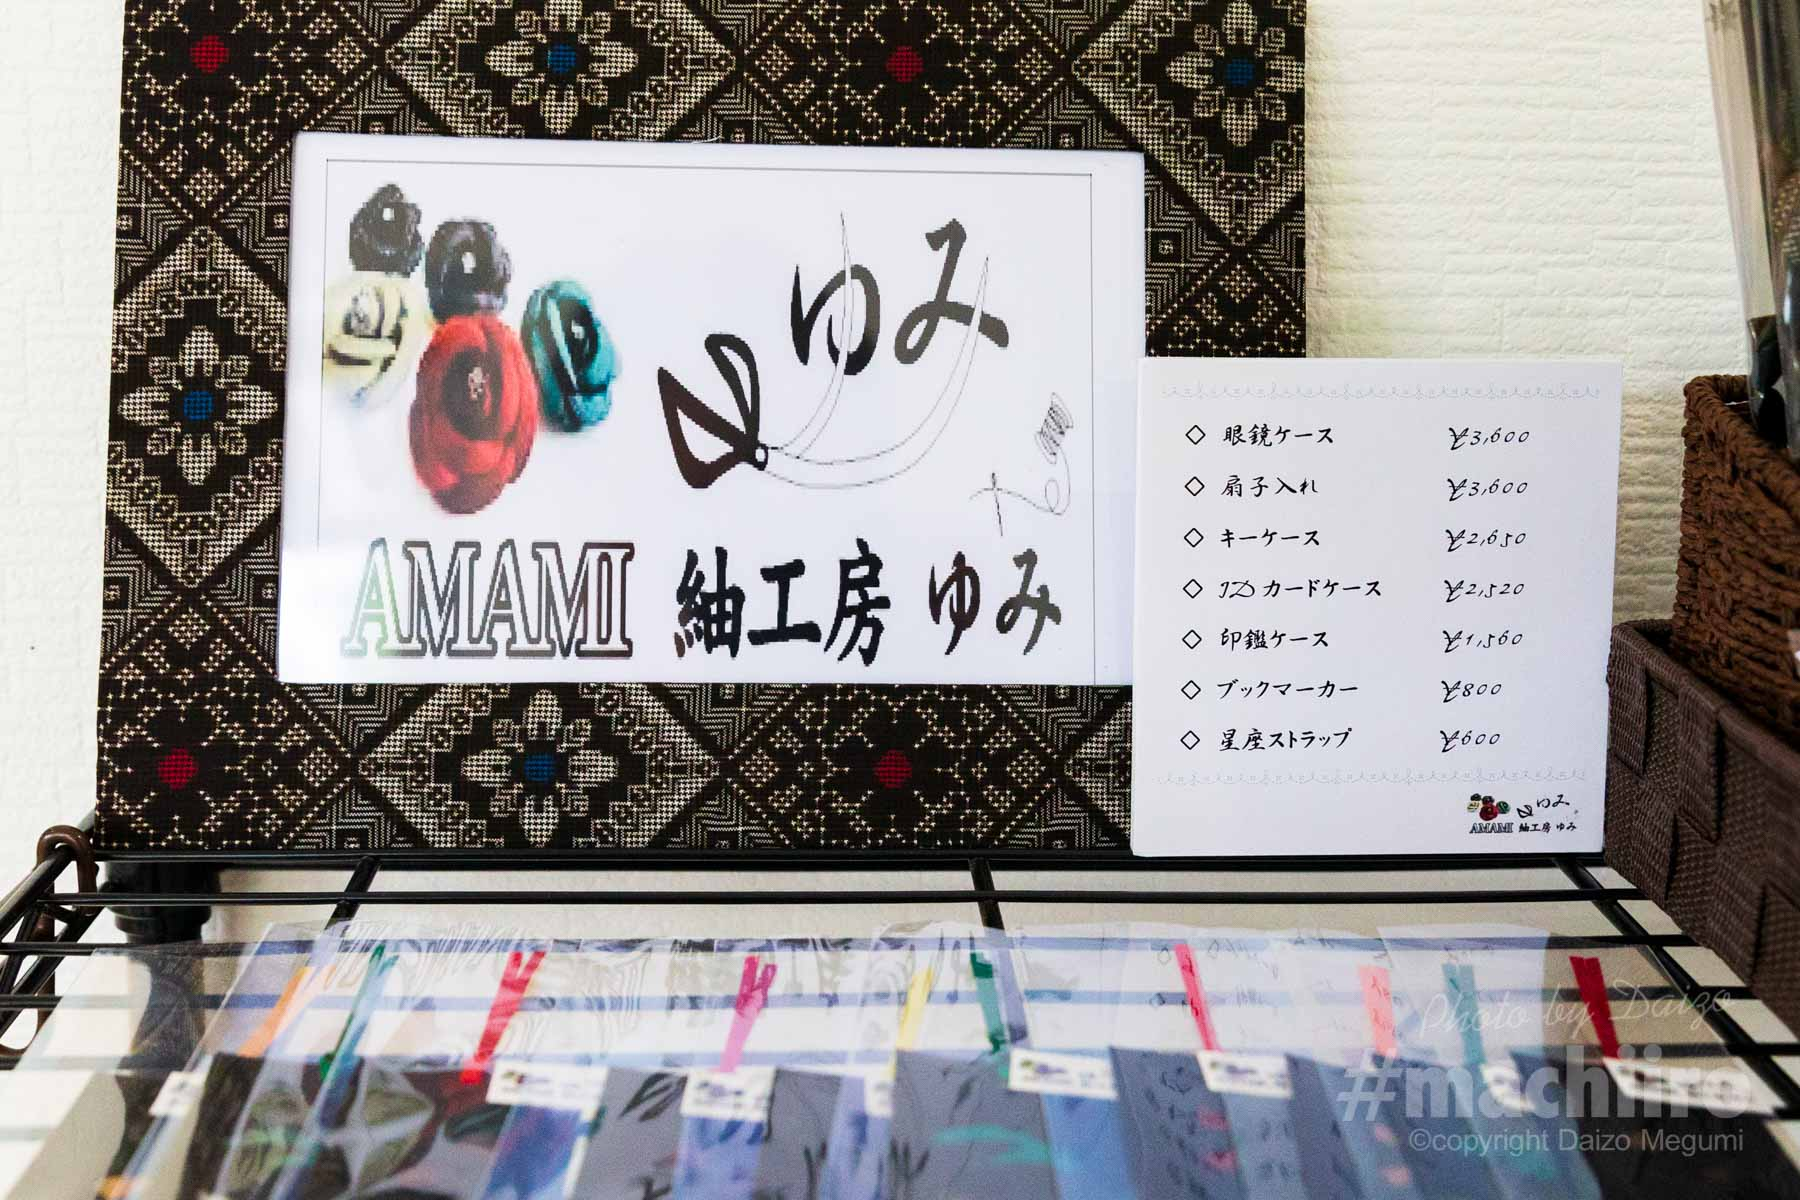 大島紬を使用した小物 AMAMI 紬工房 ゆみ 写真